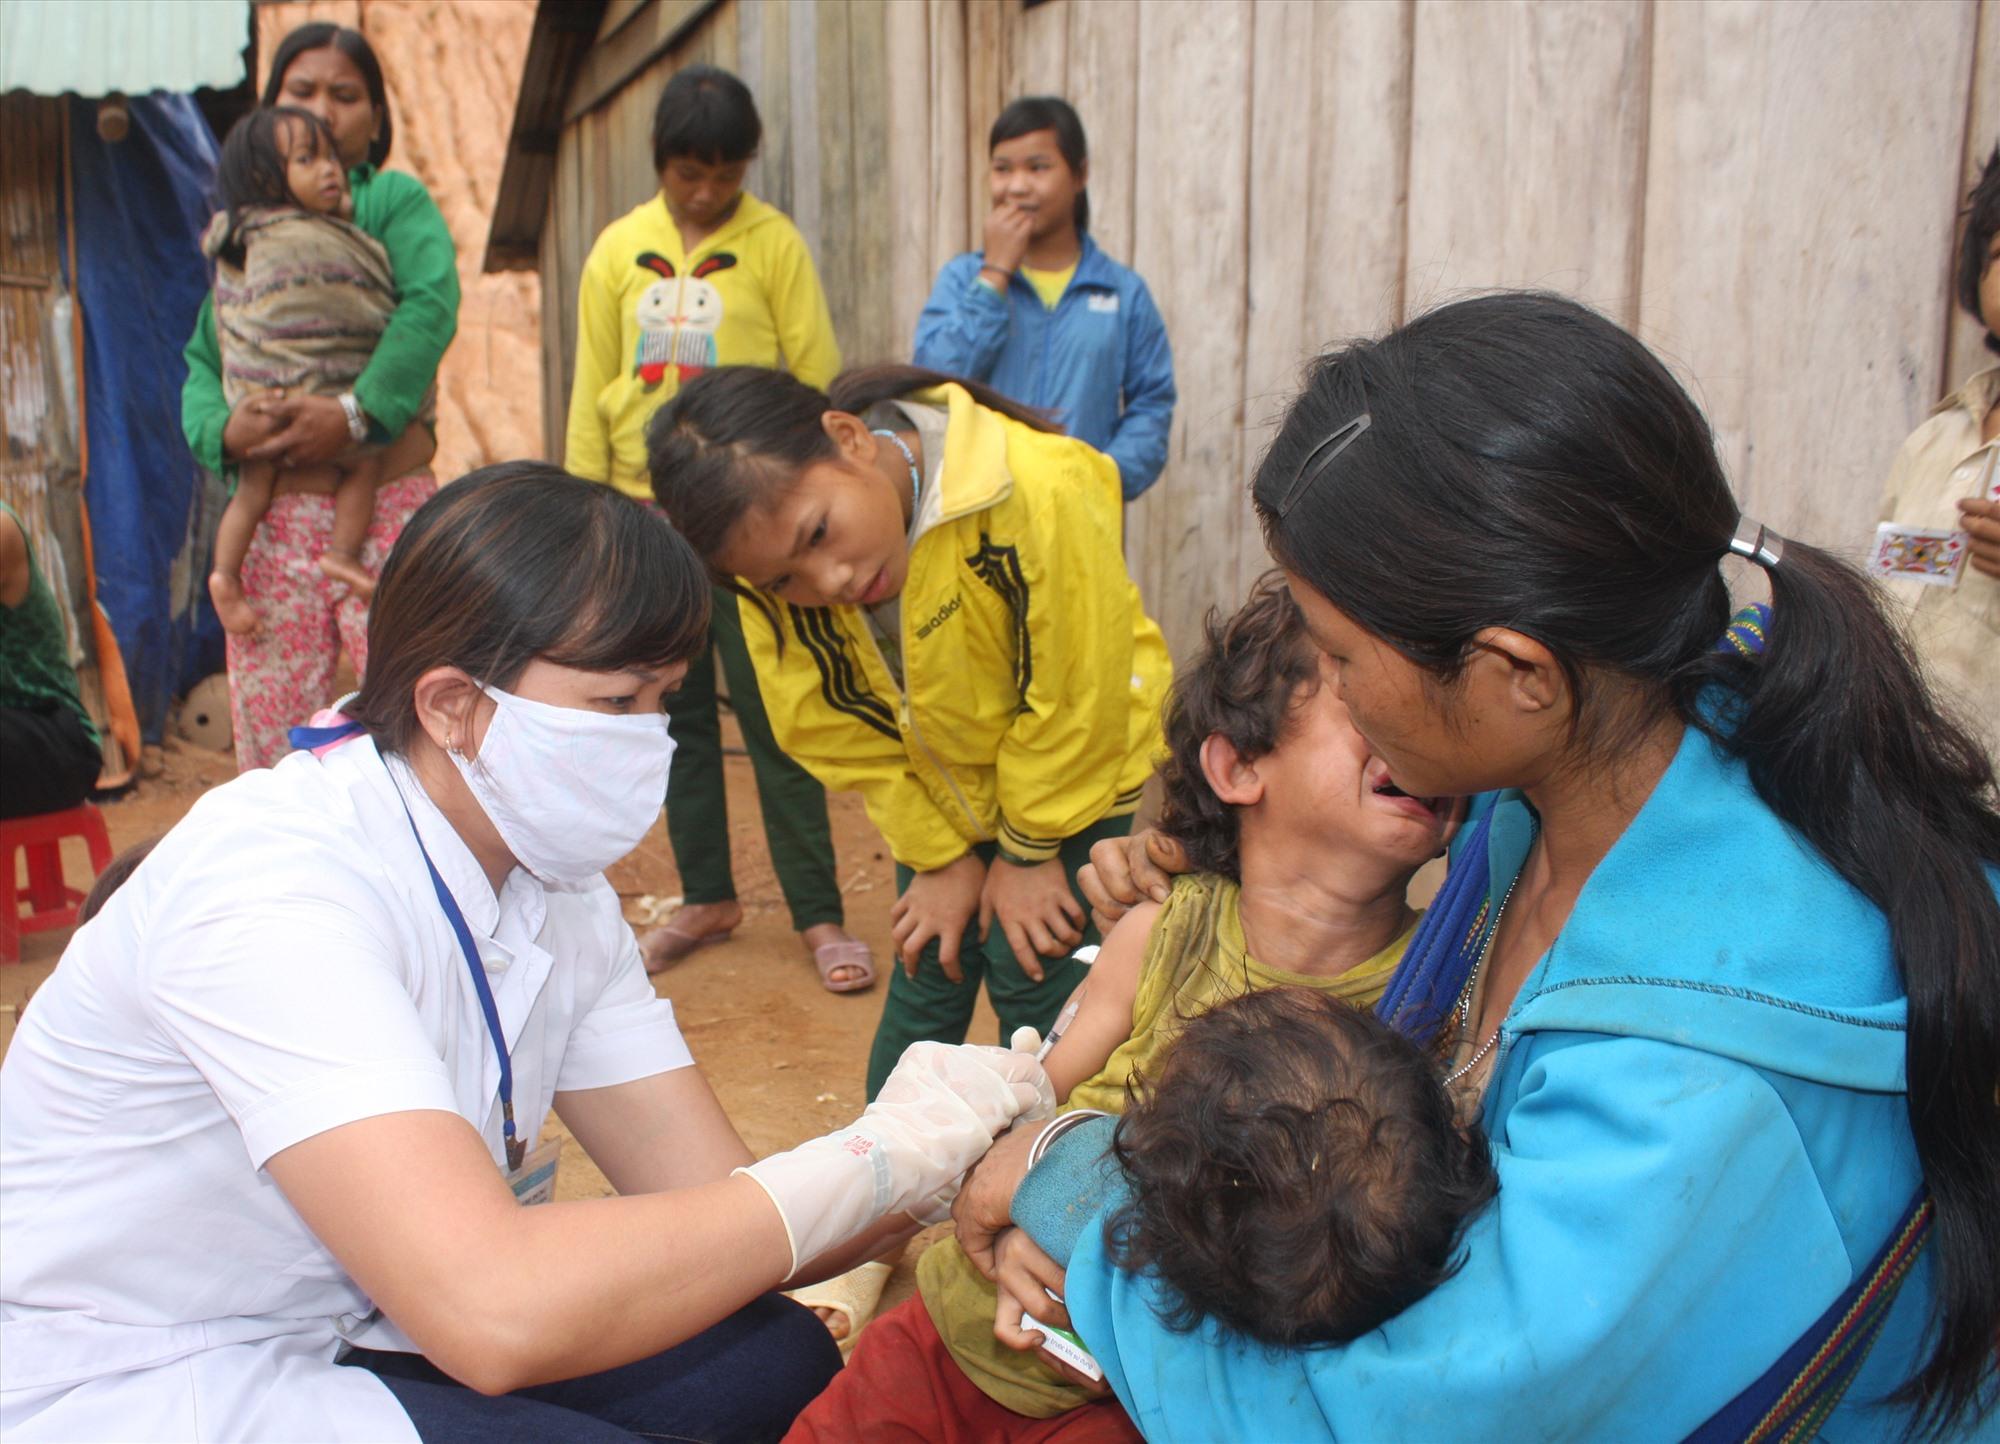 Tăng cường rà soát lịch tiêm chủng của trẻ để đảm bảo trẻ được tiêm đủ các liều vắc xin phòng bệnh. Ảnh: X.H